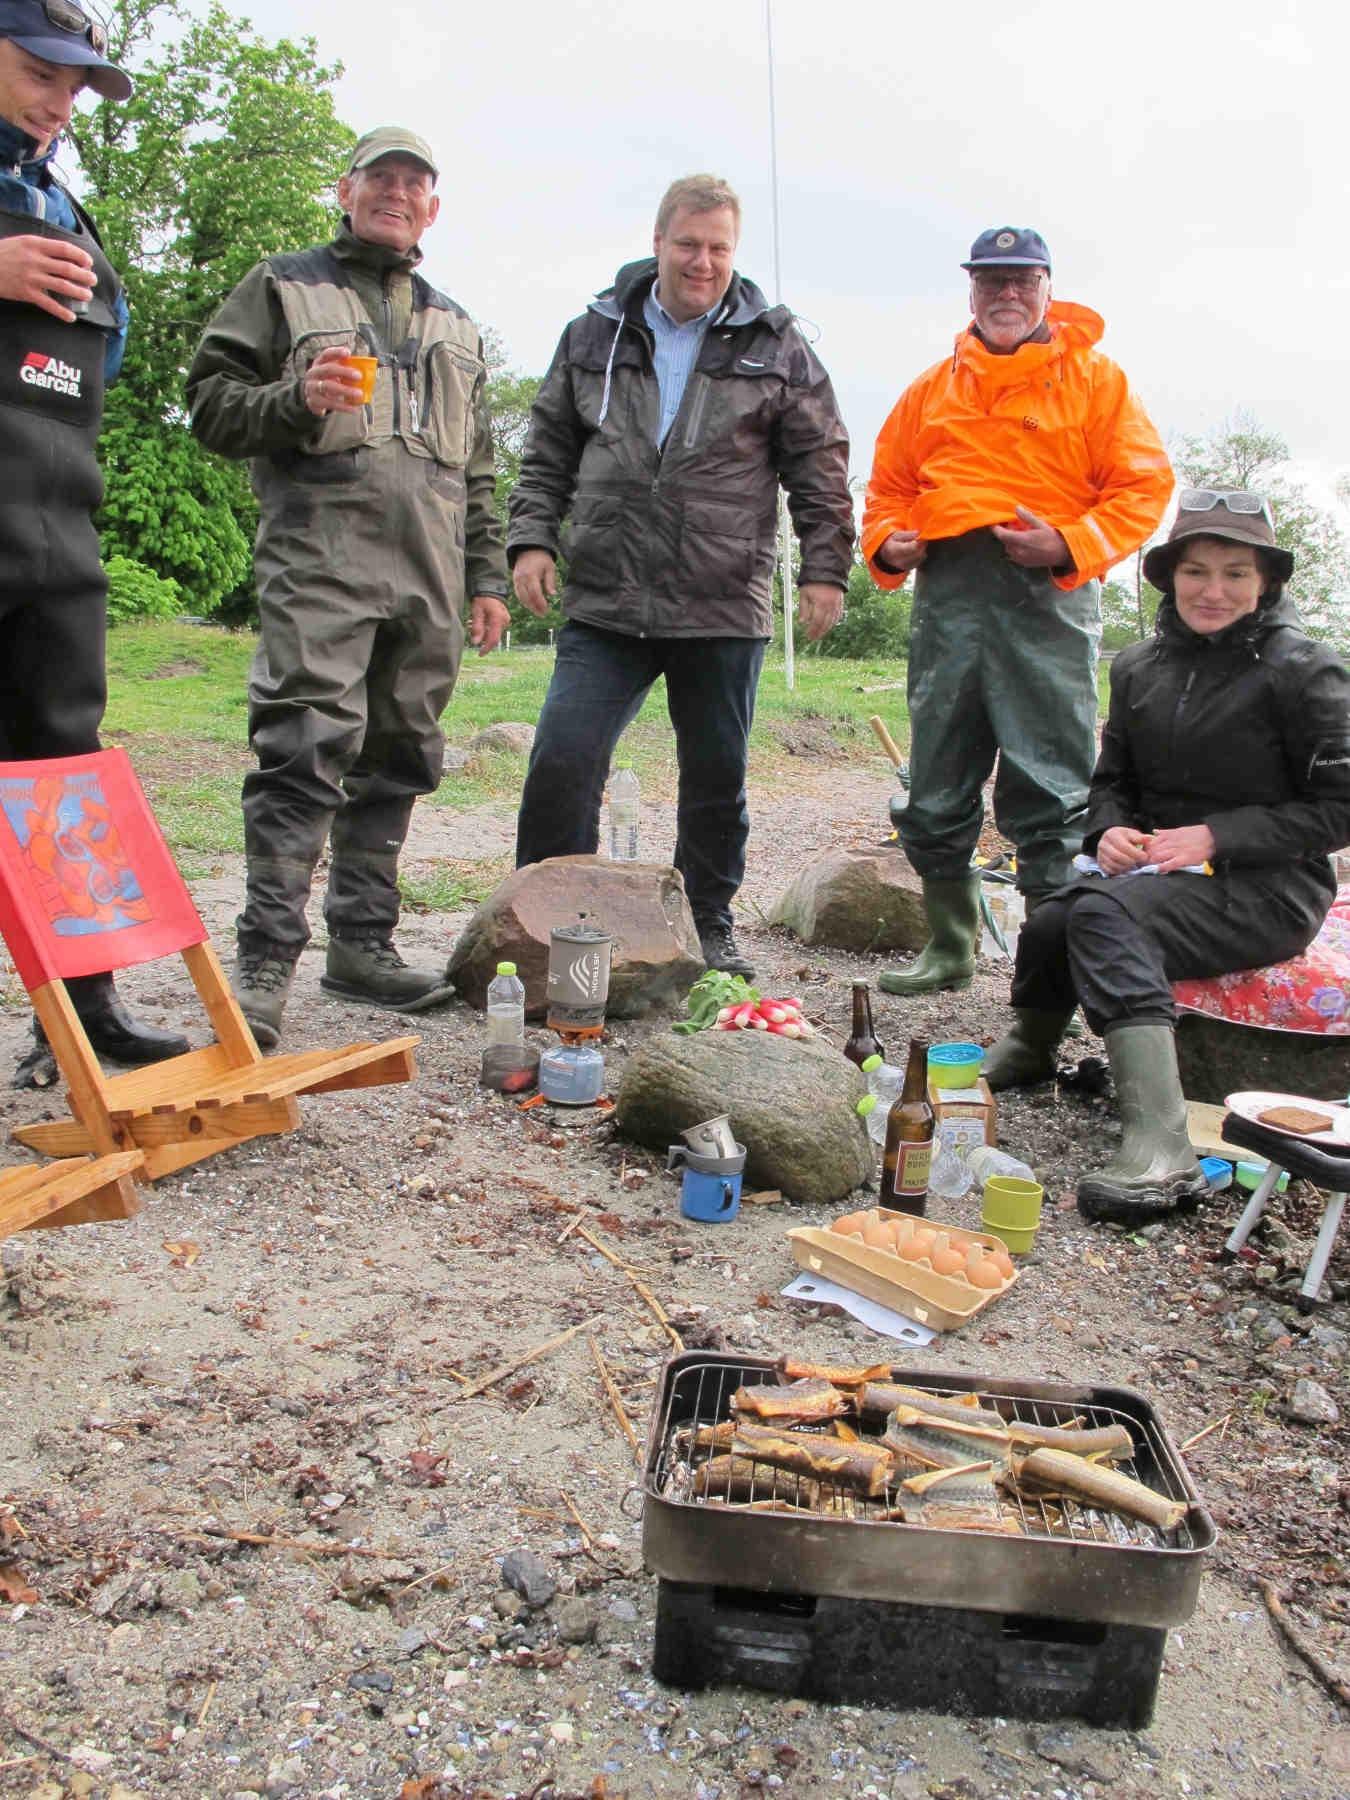 En hyggelig og konstruktiv måde for kommunalbestyrelsen at få indsigt i Fishing Zealand.